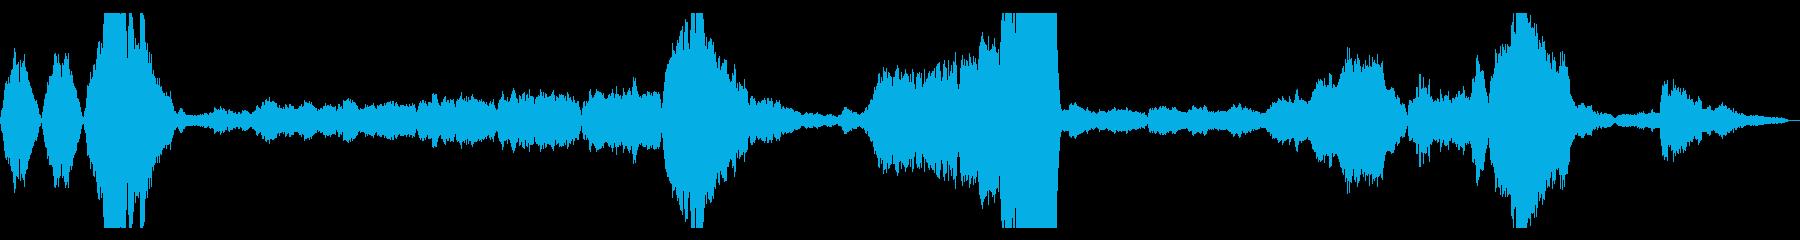 交響曲新世界より 第2楽章冒頭の再生済みの波形